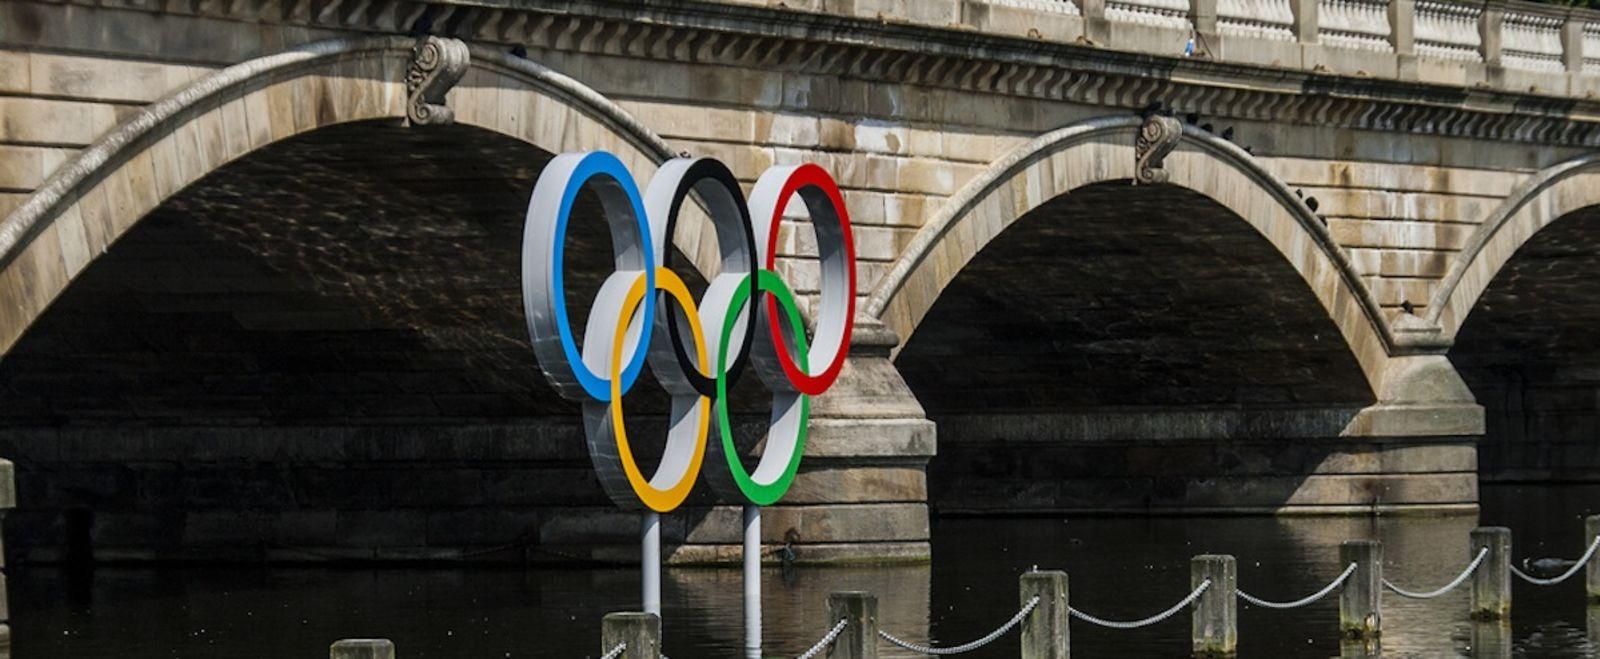 Blog: Olympics In Boston